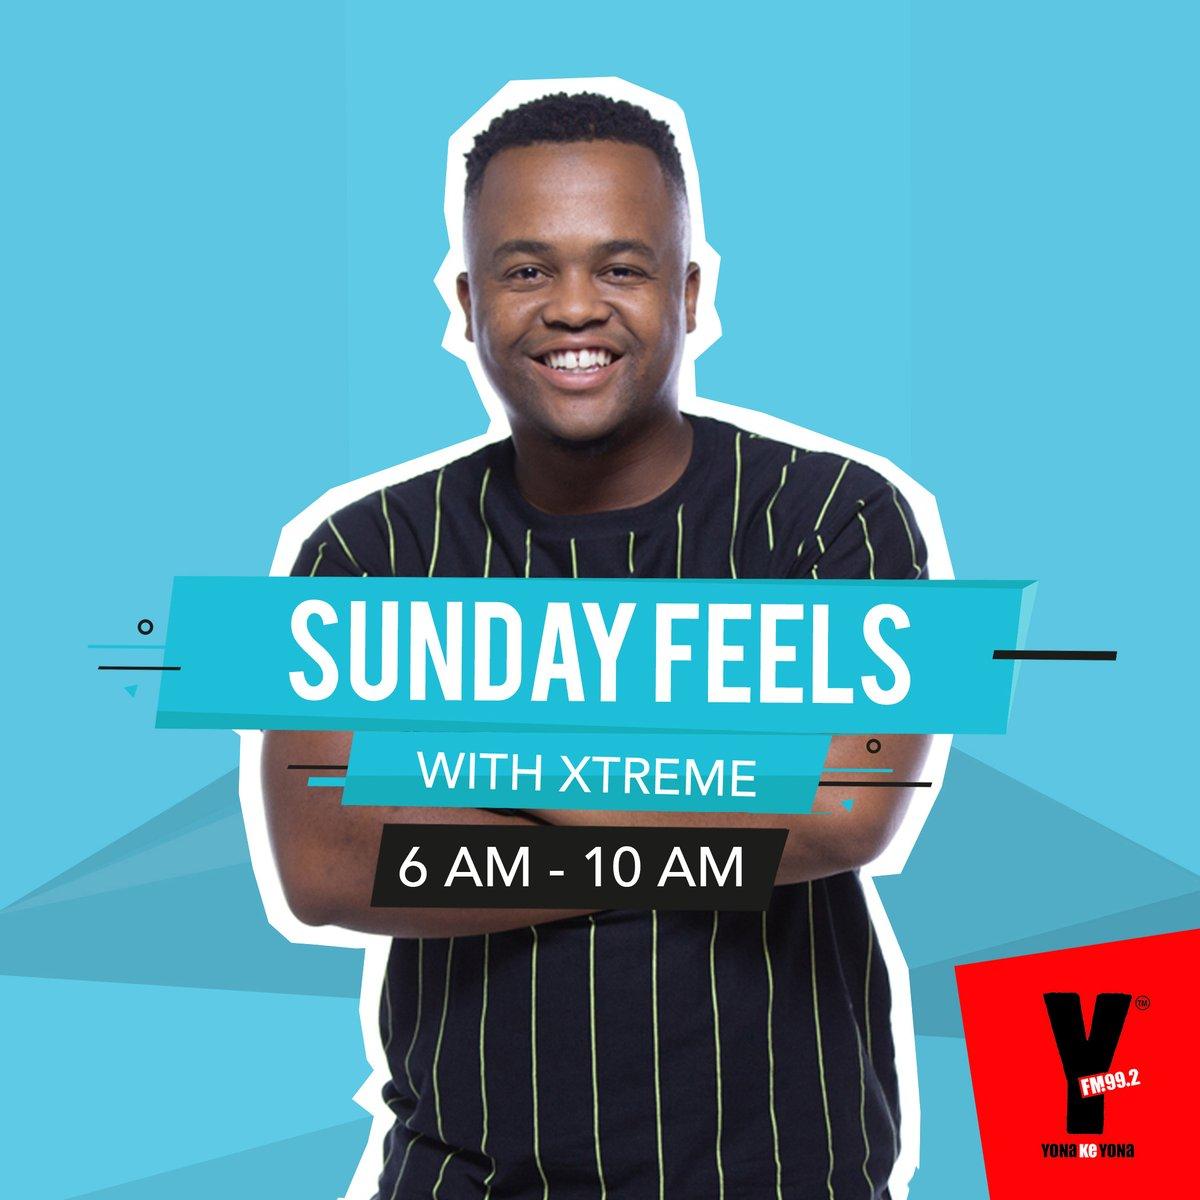 @Yfm's photo on #SundayFeels